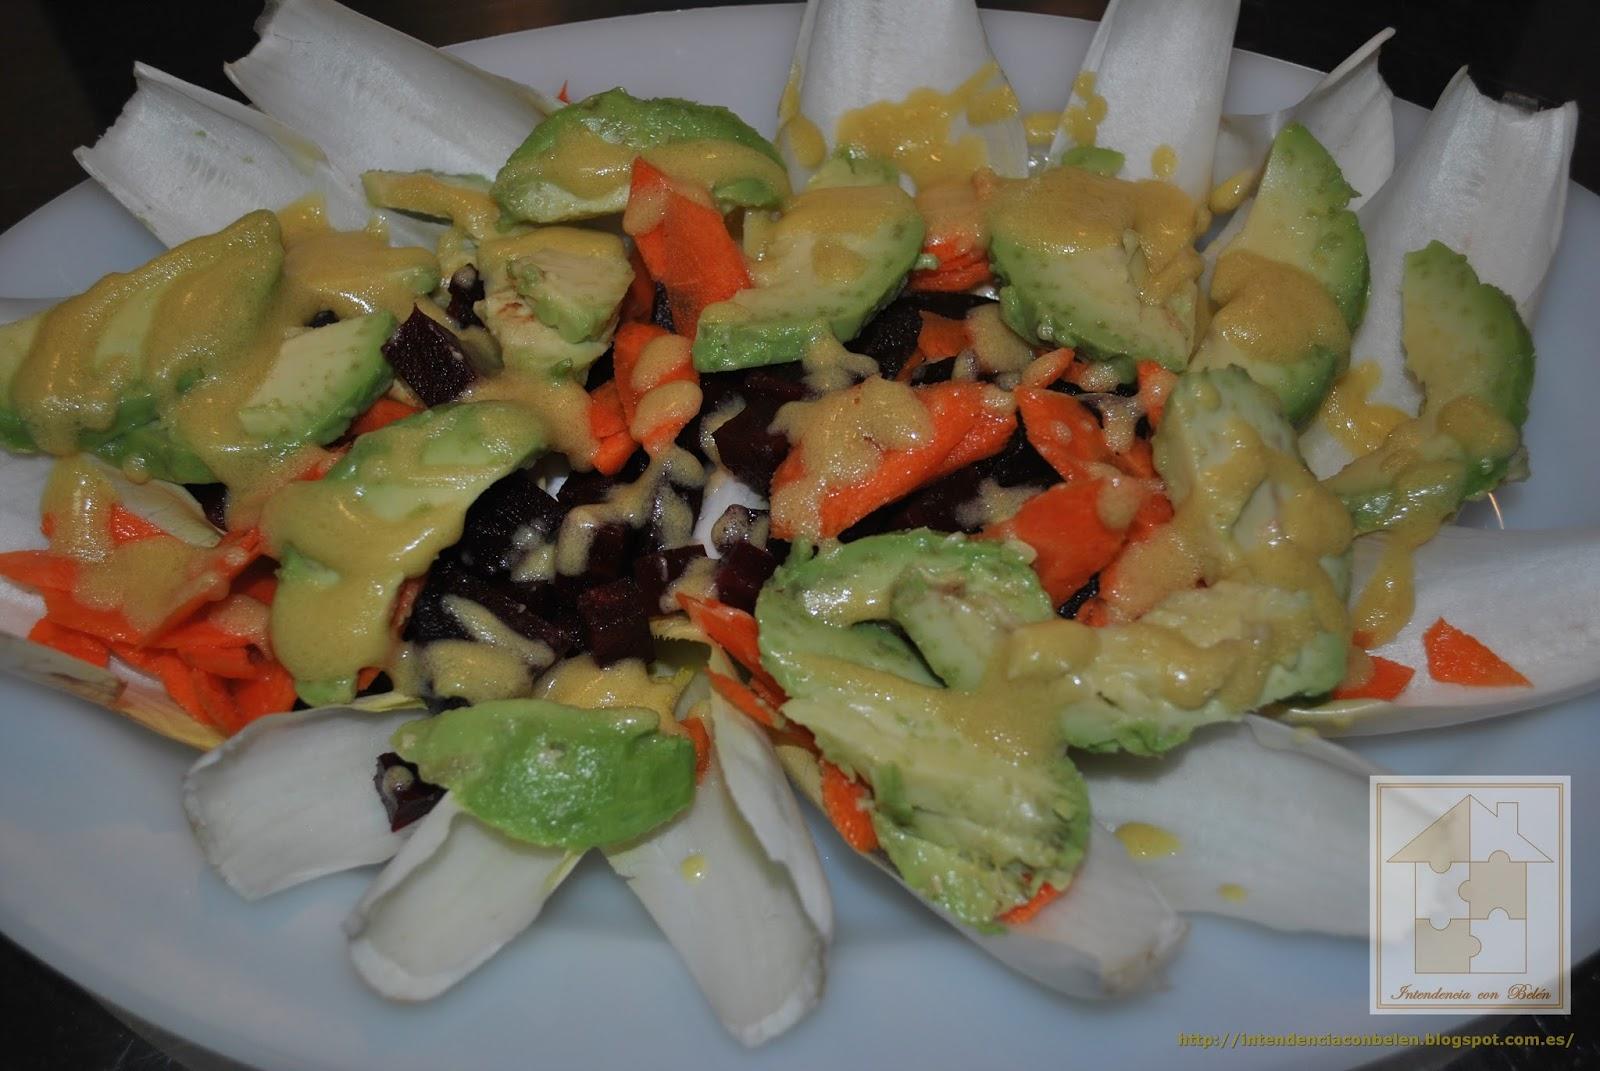 Intendencia con bel n ensalada de endivias - Ensaladas con pocas calorias ...